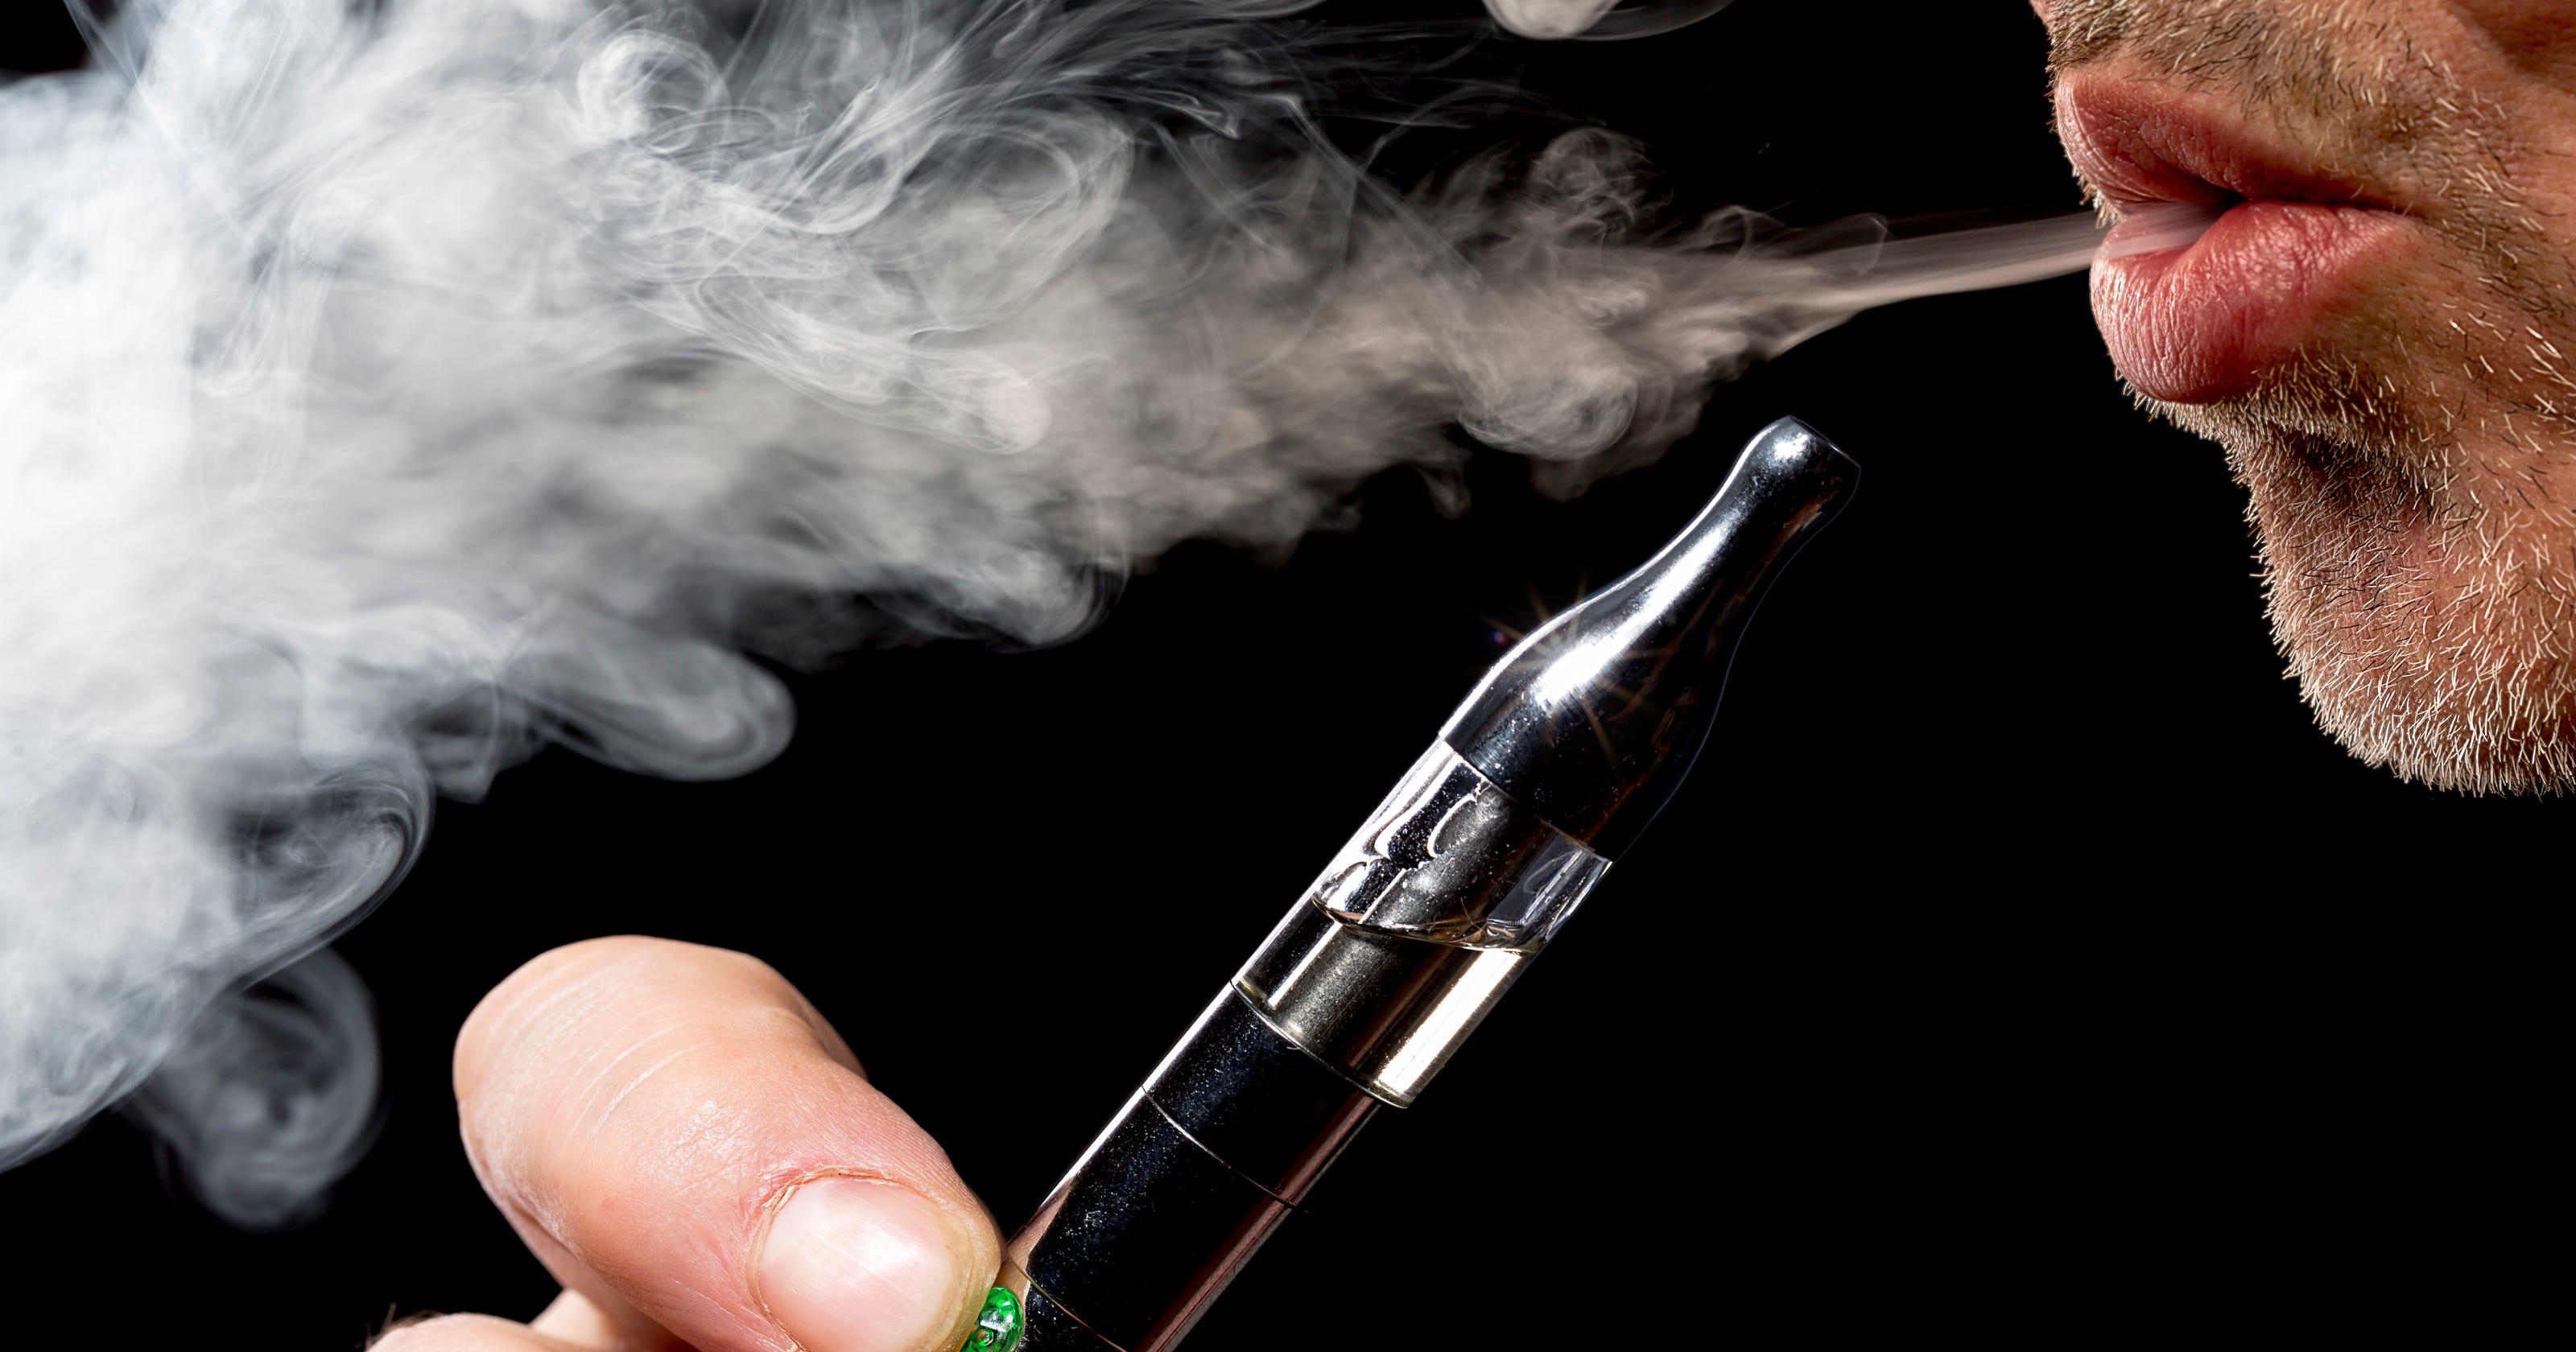 E-cigarette explodes in Memphis man's face, lawsuit says